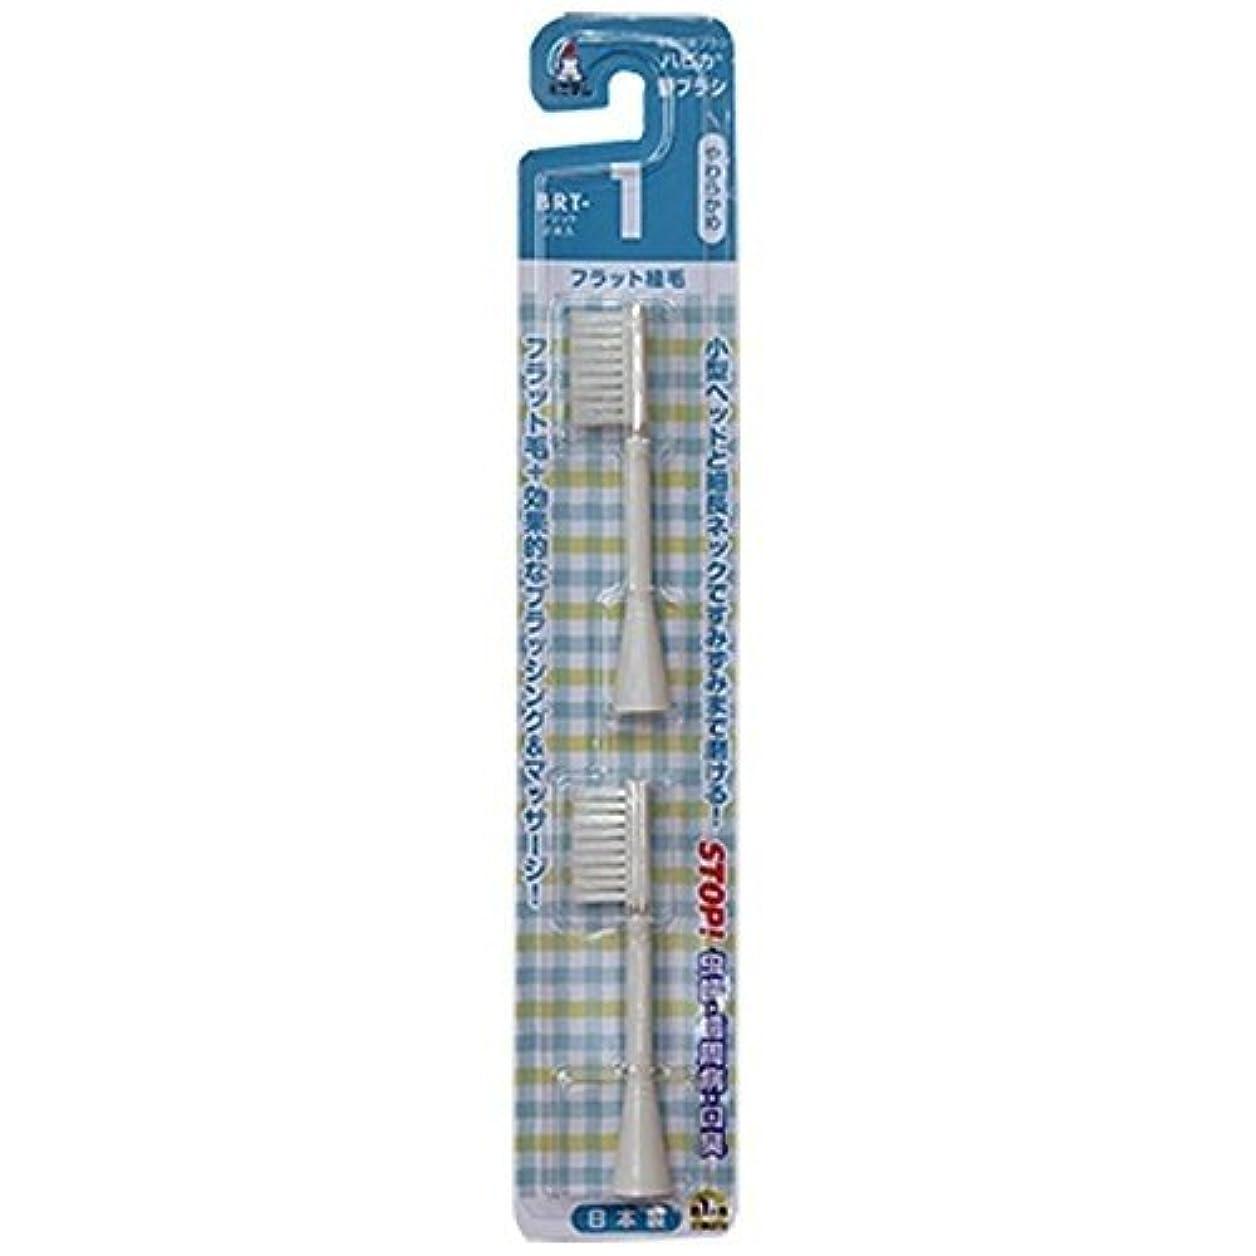 ミニマム 電動付歯ブラシ ハピカ 専用替ブラシ フラット植毛 毛の硬さ:やわらかめ BRT-1T 2個入